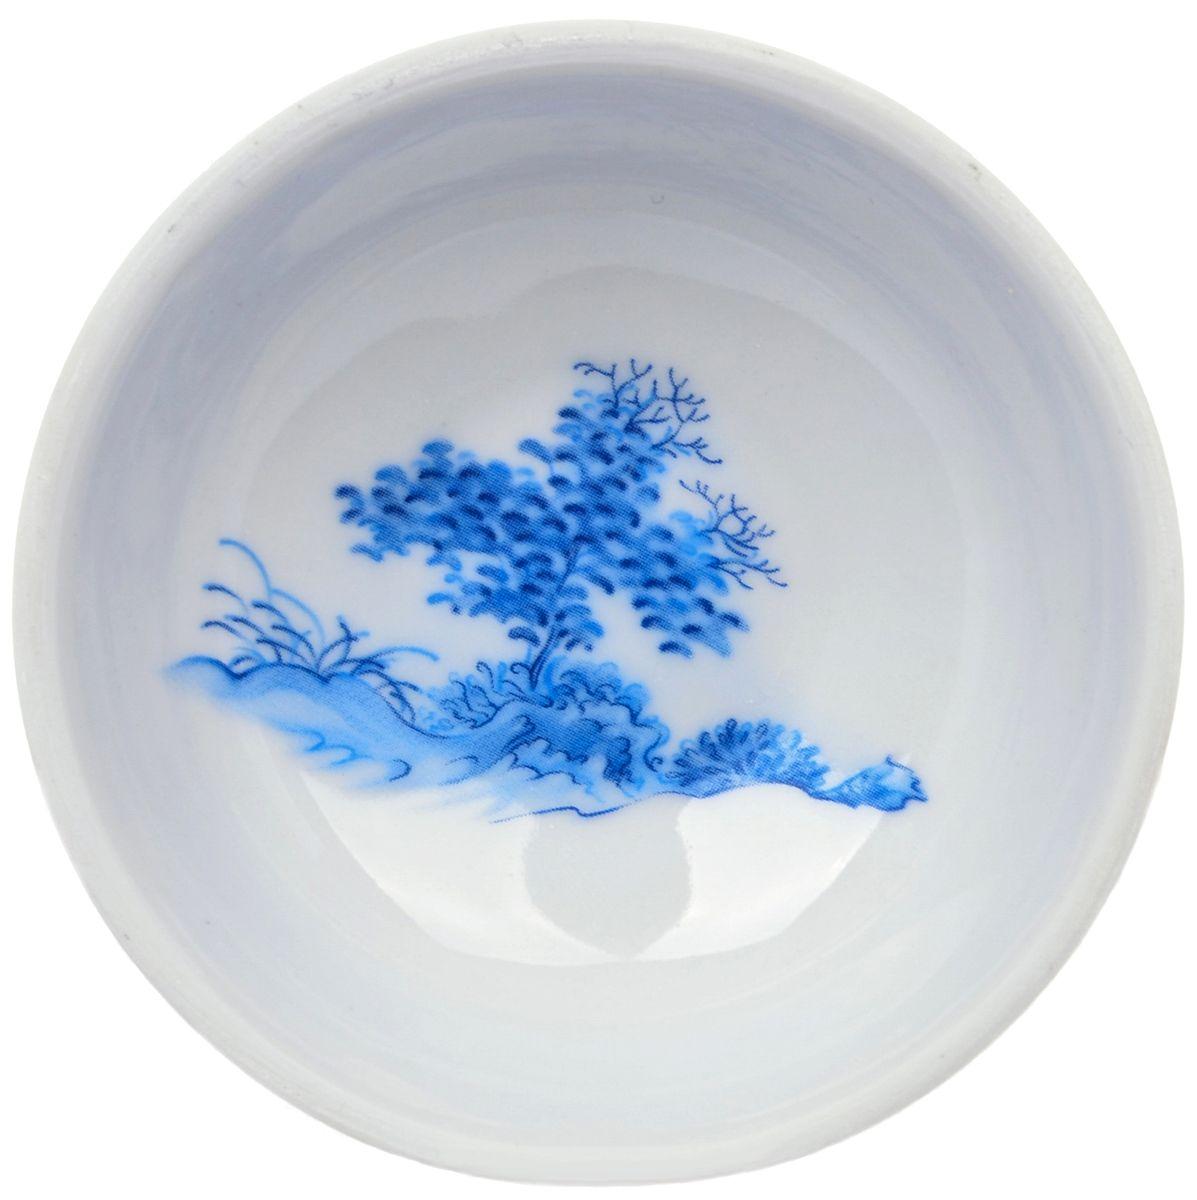 Блюдце Дулевский фарфор Азия, диаметр 9 смWL-991005 / AБлюдце Дулевский фарфор Азия, изготовленное из высококачественного фарфора, оформлено оригинальным рисунком. Блюдце украсит сервировку вашего стола. Можно использовать в микроволновой печи и мыть в посудомоечной машине. Не рекомендуется использовать абразивные моющие средства.